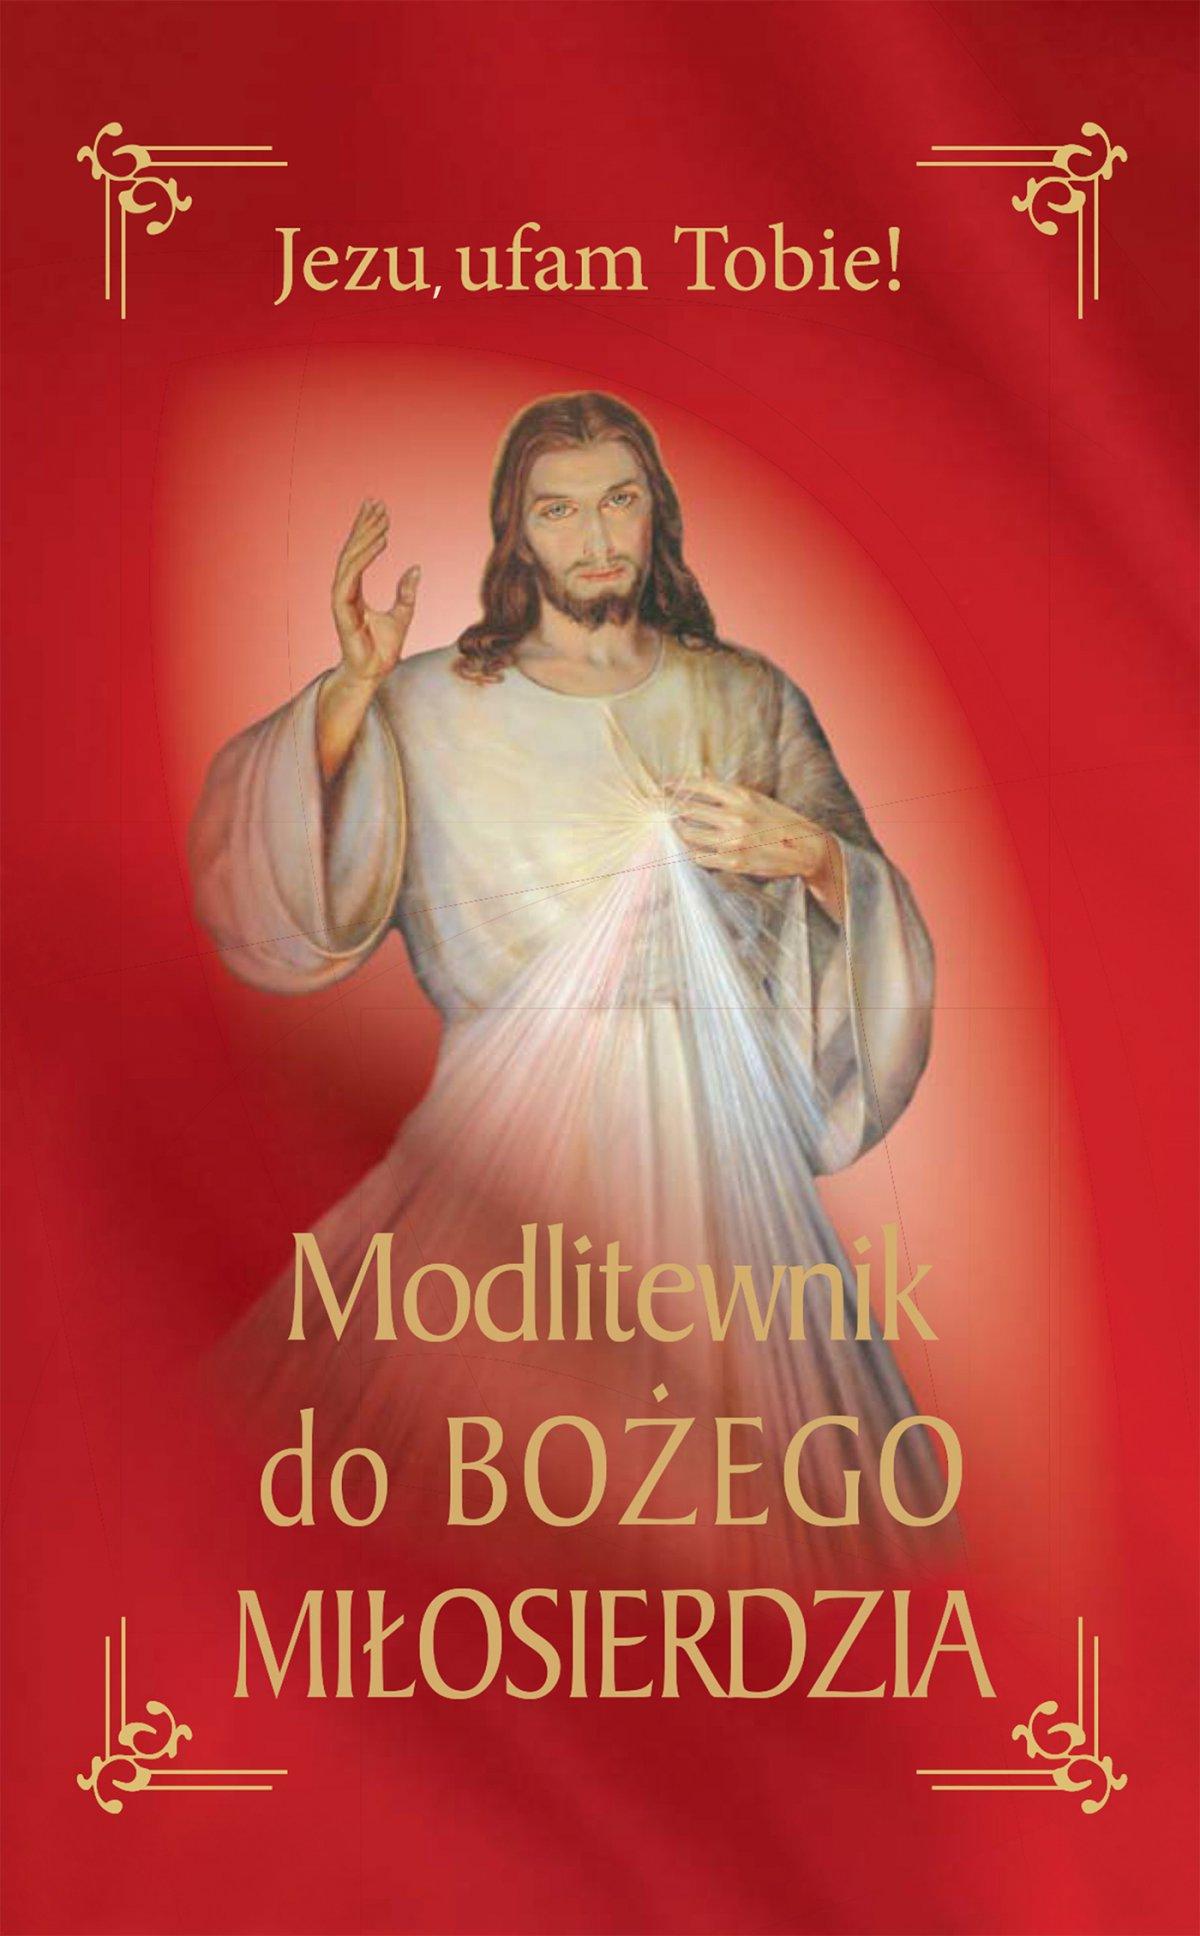 Modlitewnik do Bożego miłosierdzia - Ebook (Książka na Kindle) do pobrania w formacie MOBI